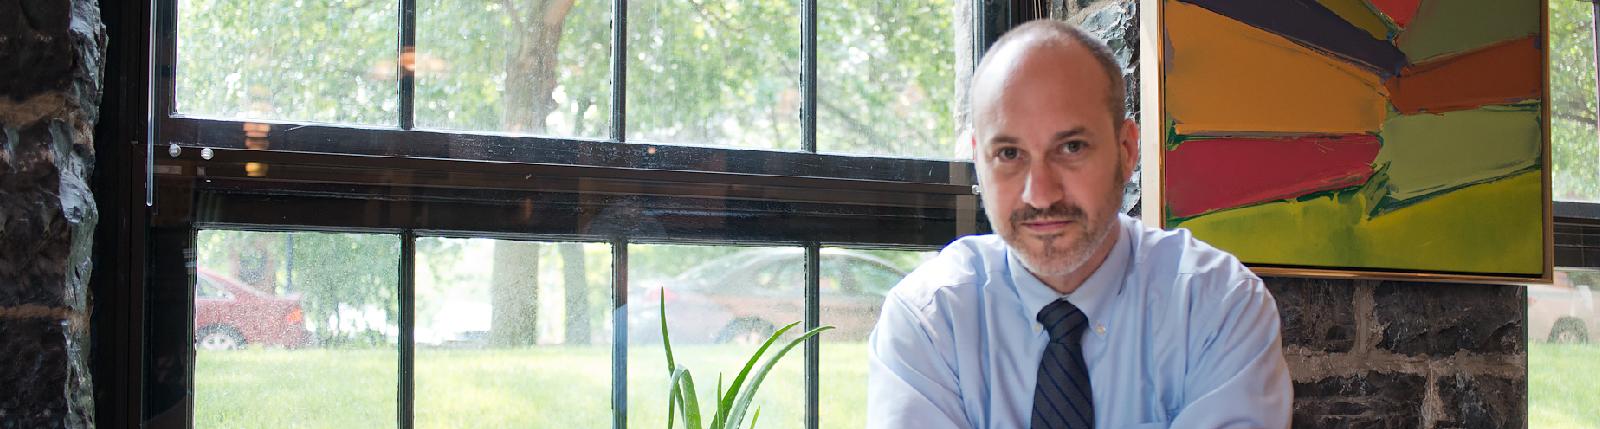 Daniel E. Kornfeld